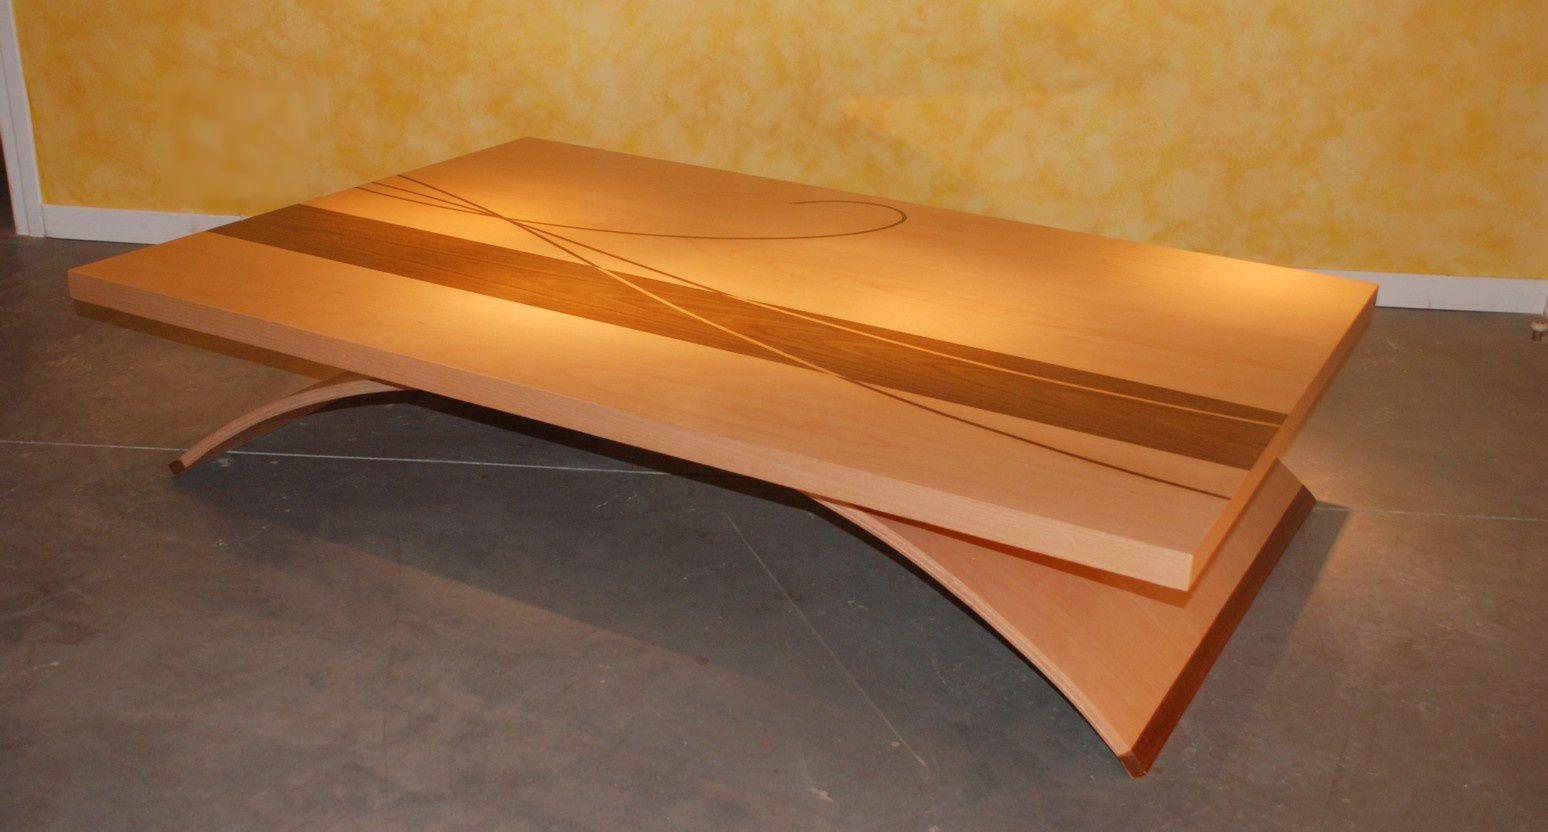 Table Basse Design Arc Atelier POURQUOI PAS Mobilier